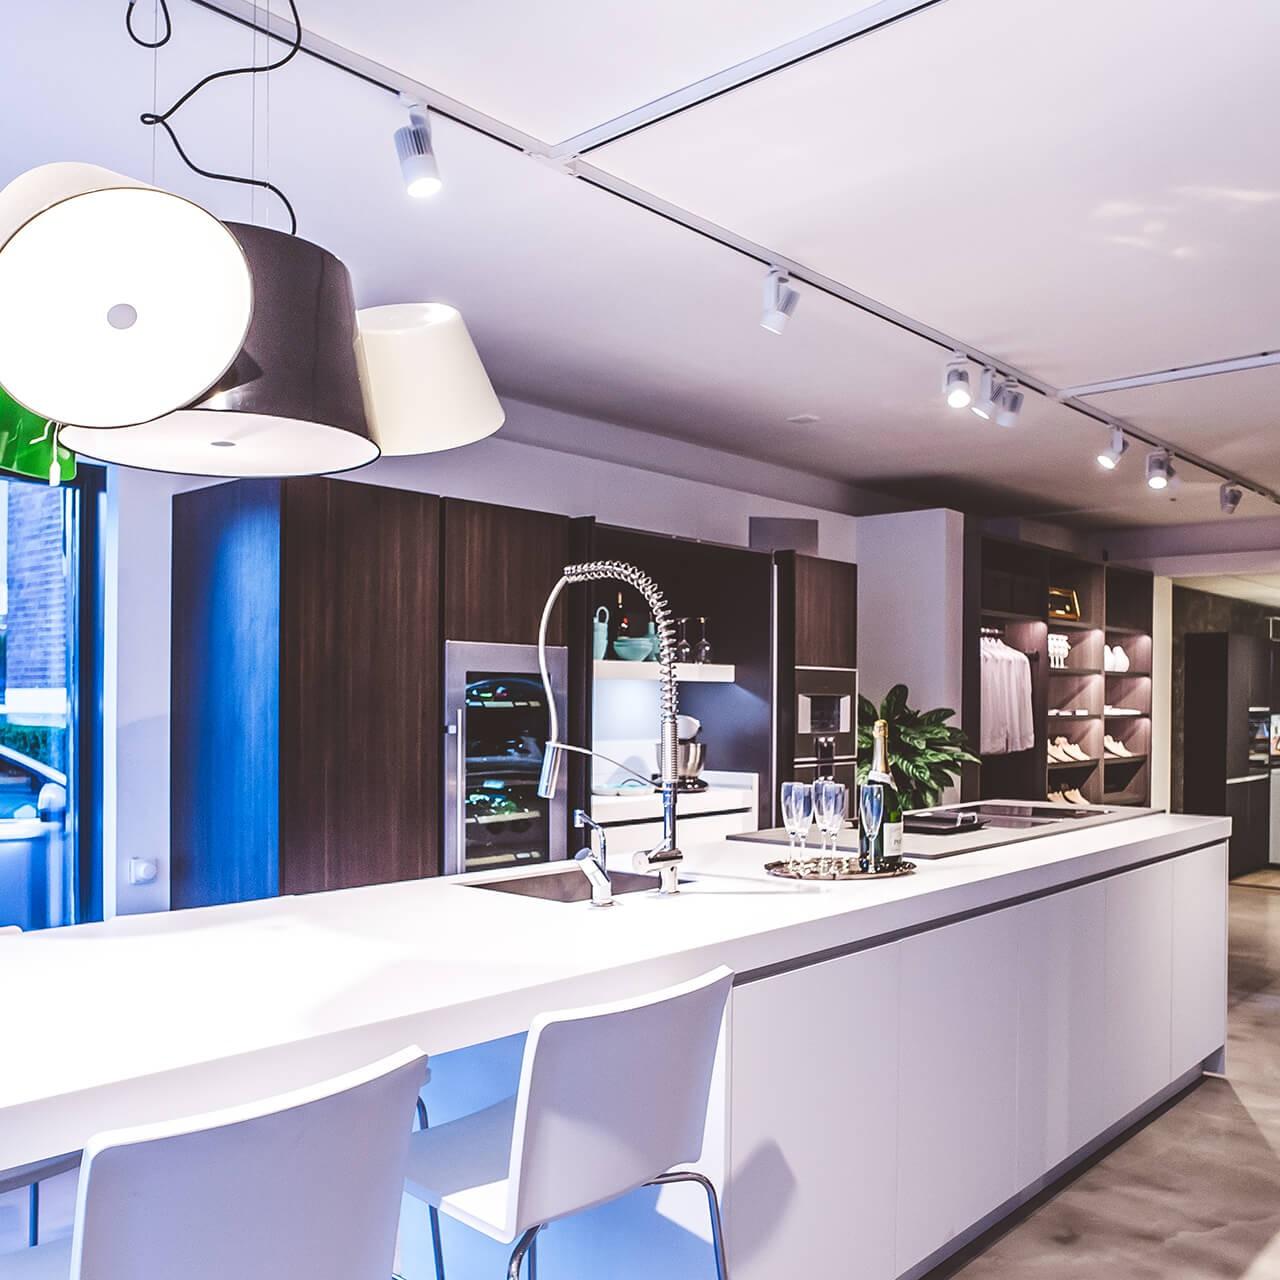 Van Leerzem Keukens BELT installatietechniek domotica BELT Bavel KNX